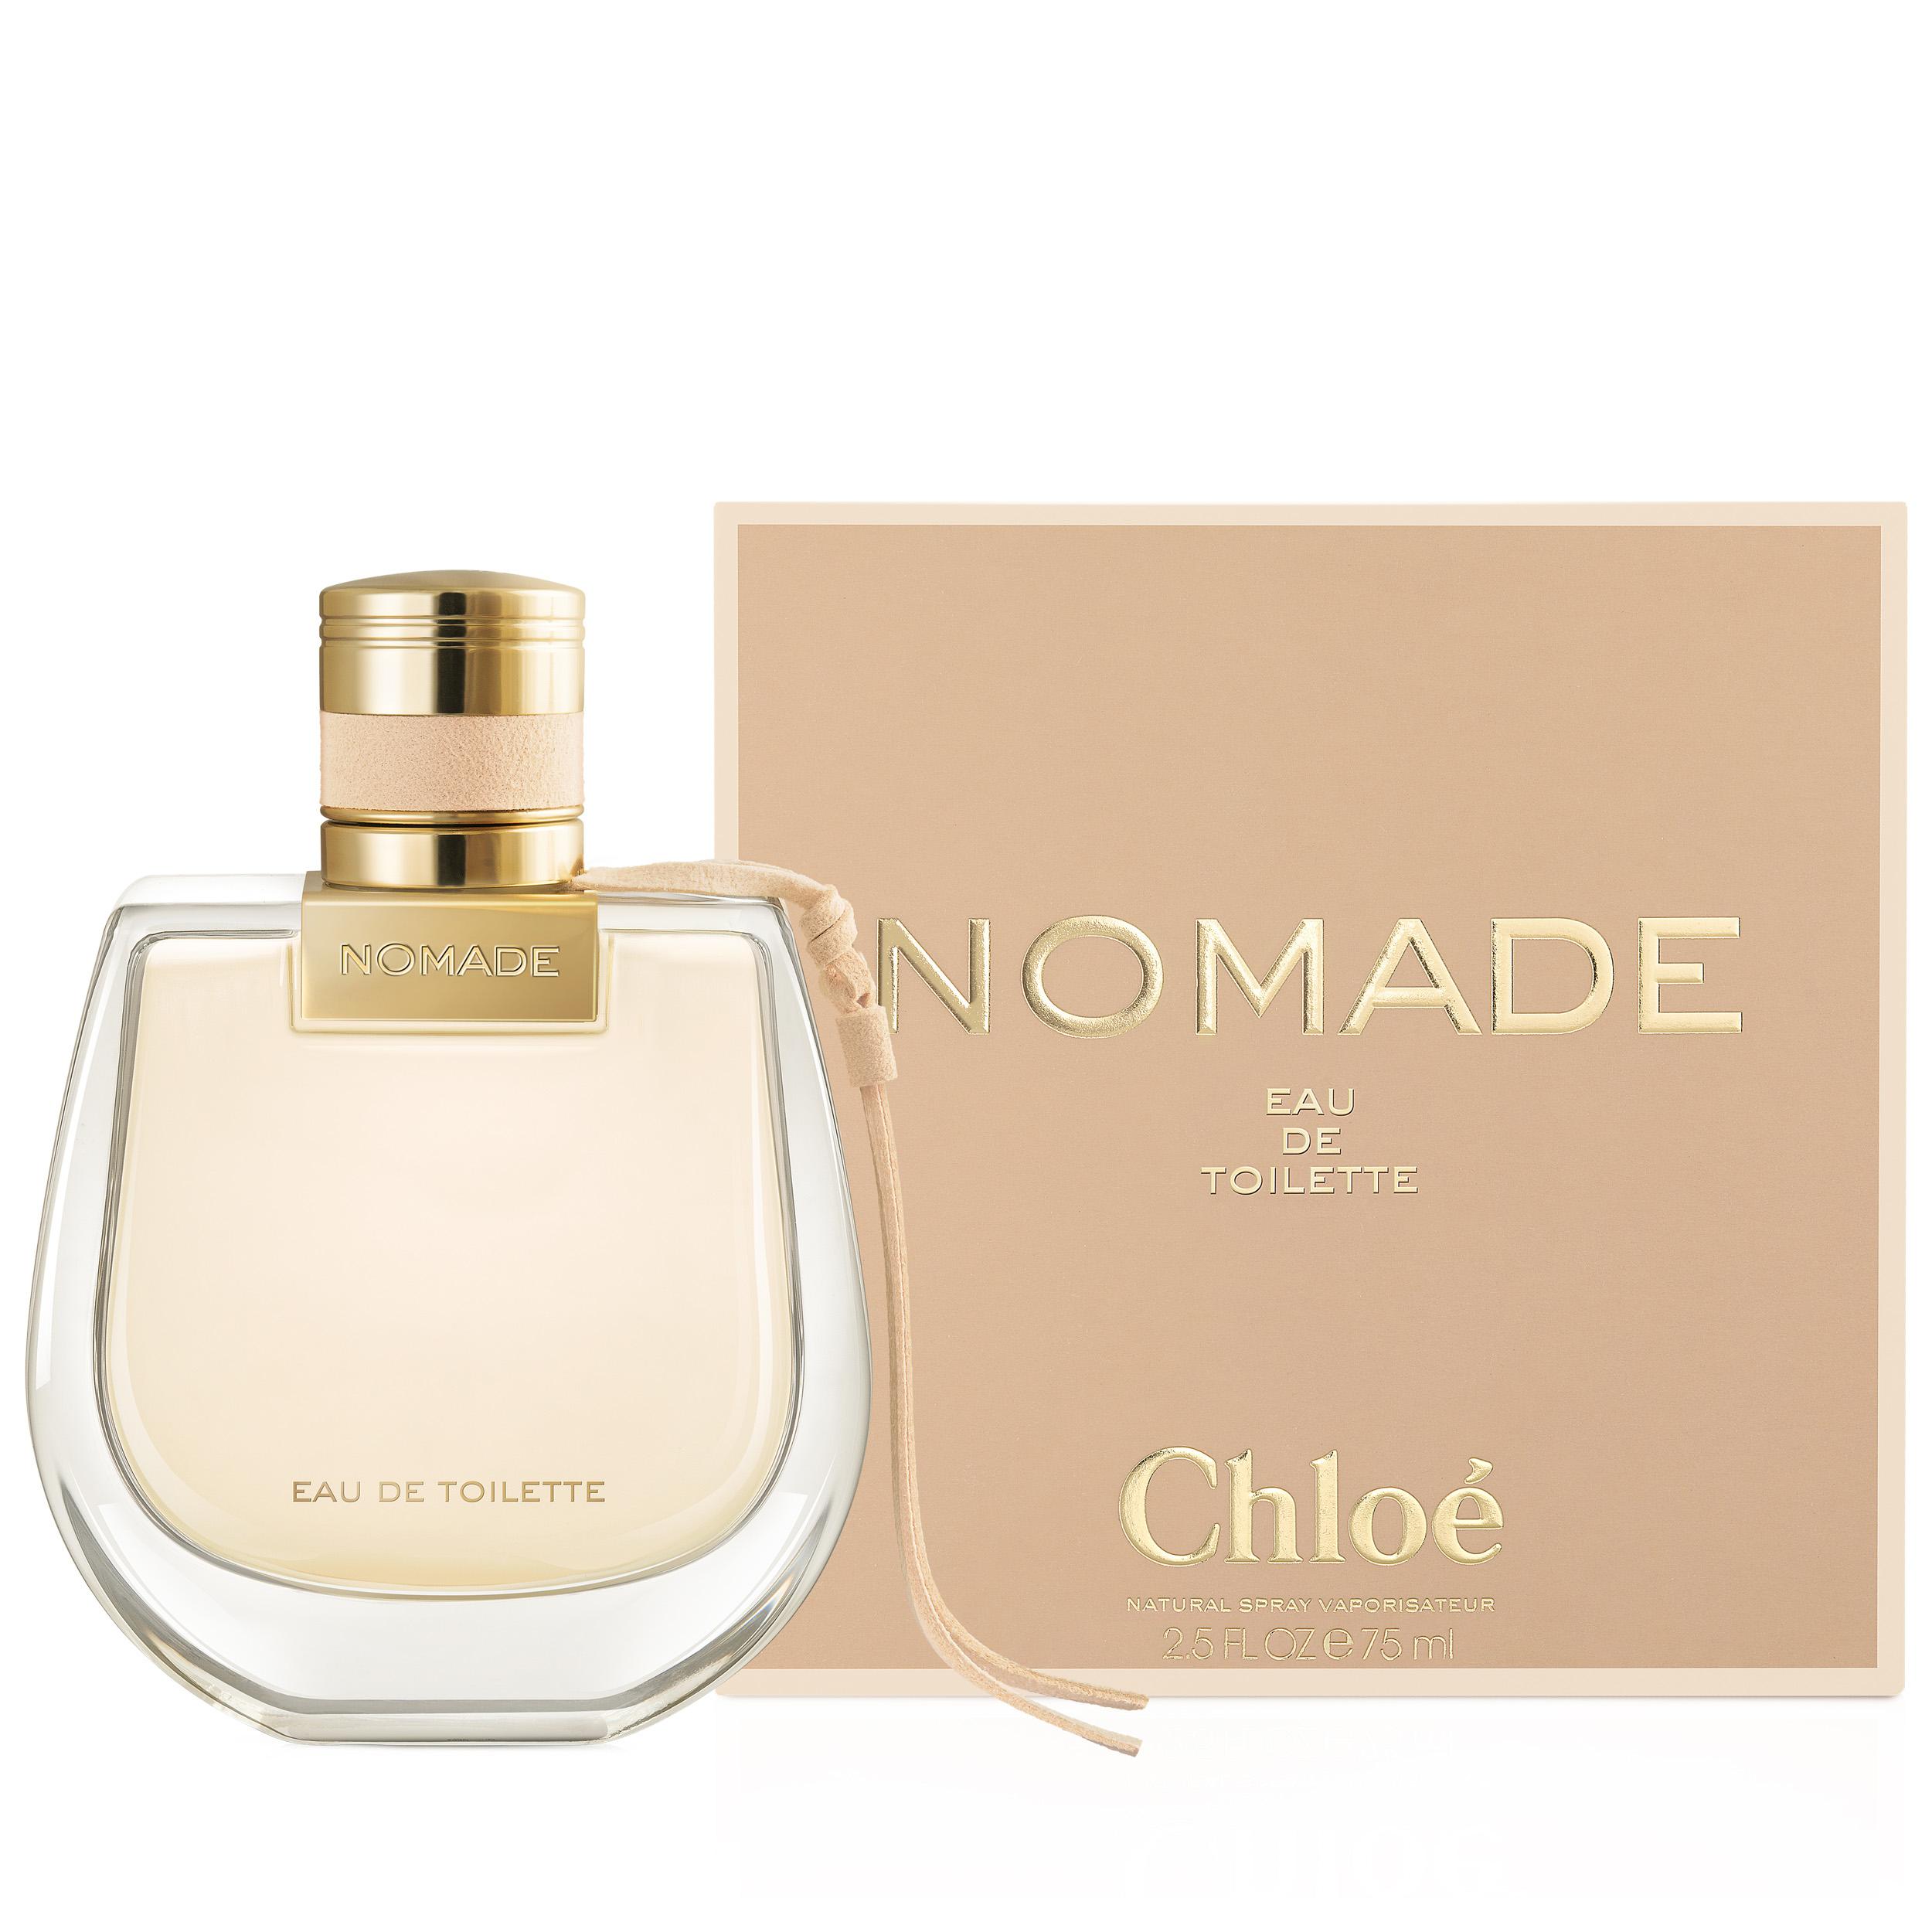 Saint-Valentin : nos parfums préférés pour le 14 février - 1